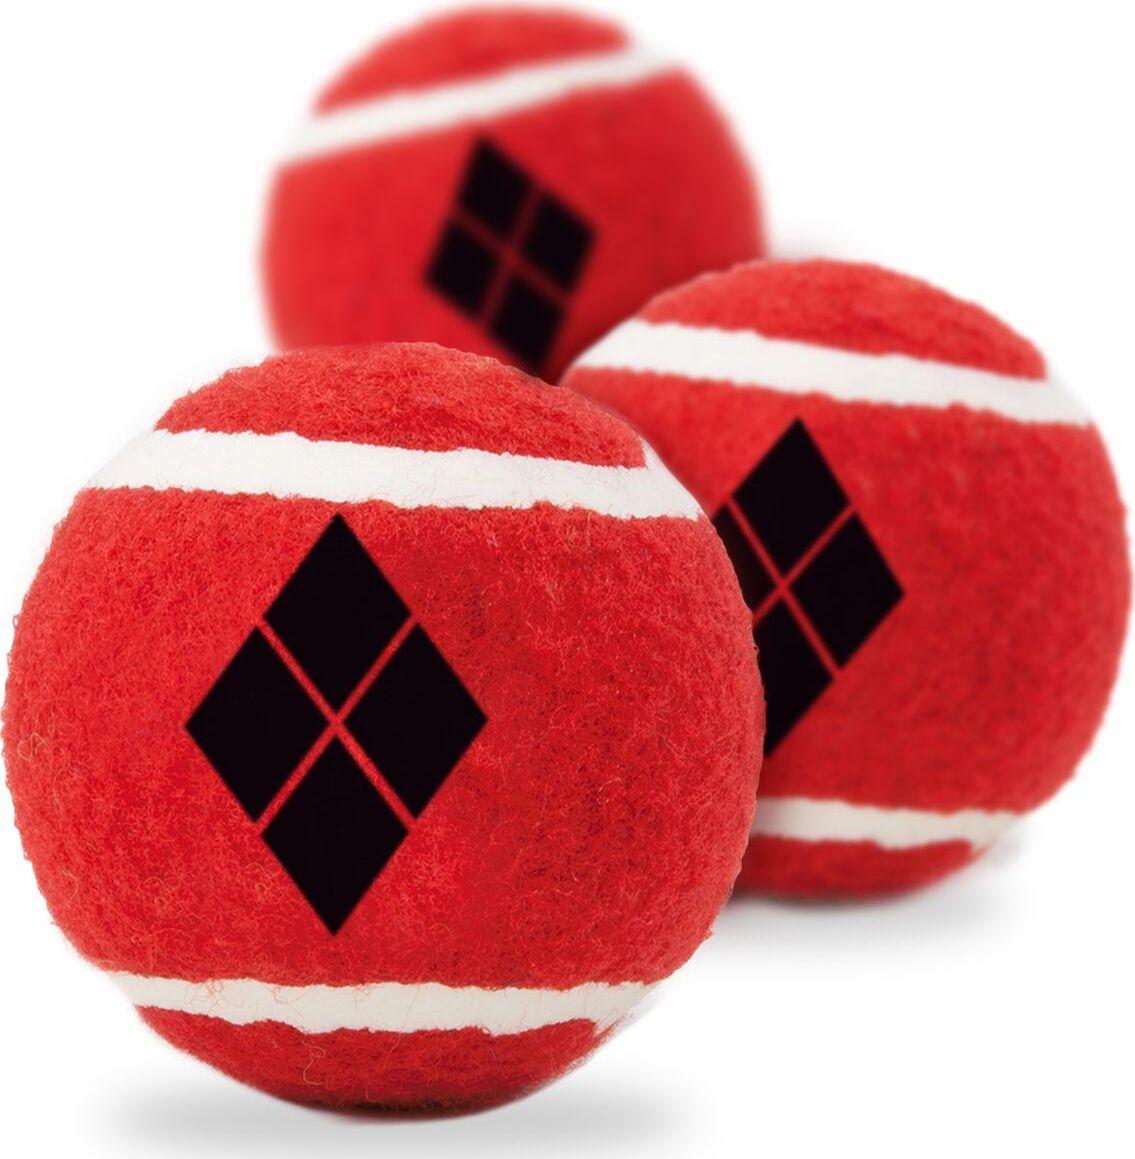 Апорт для собак Buckle-Down Теннисная Харли Квинн, красный, 7 см, 3 шт фото